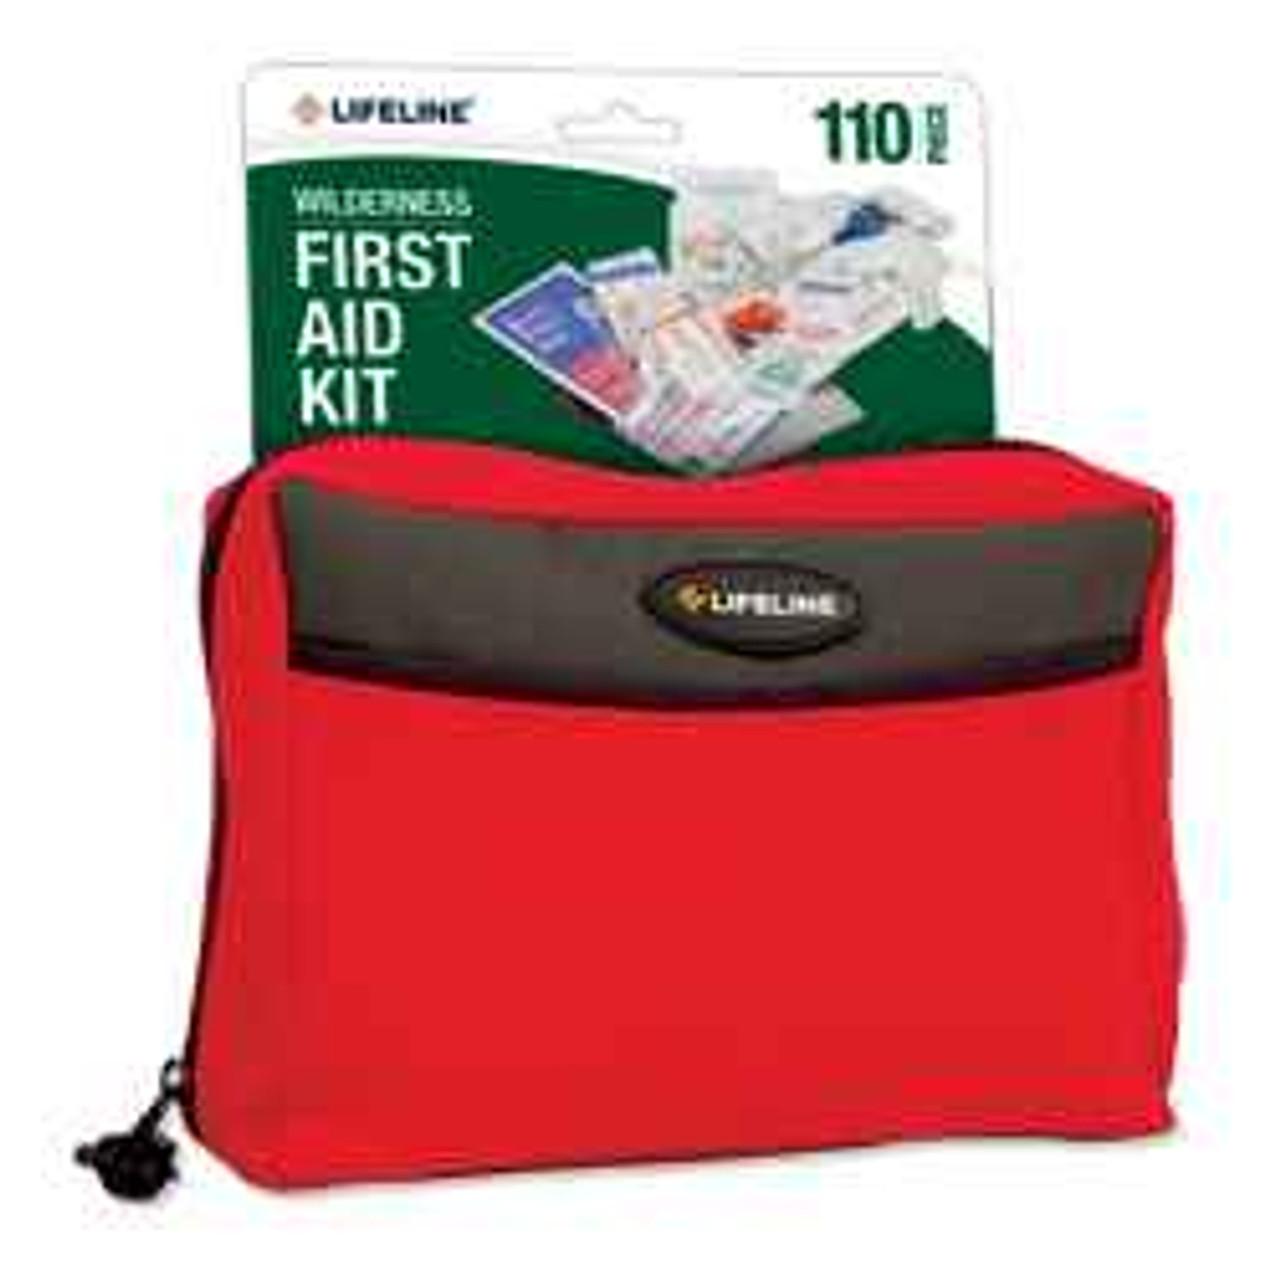 LifeLine Wilderness First Aid Kit